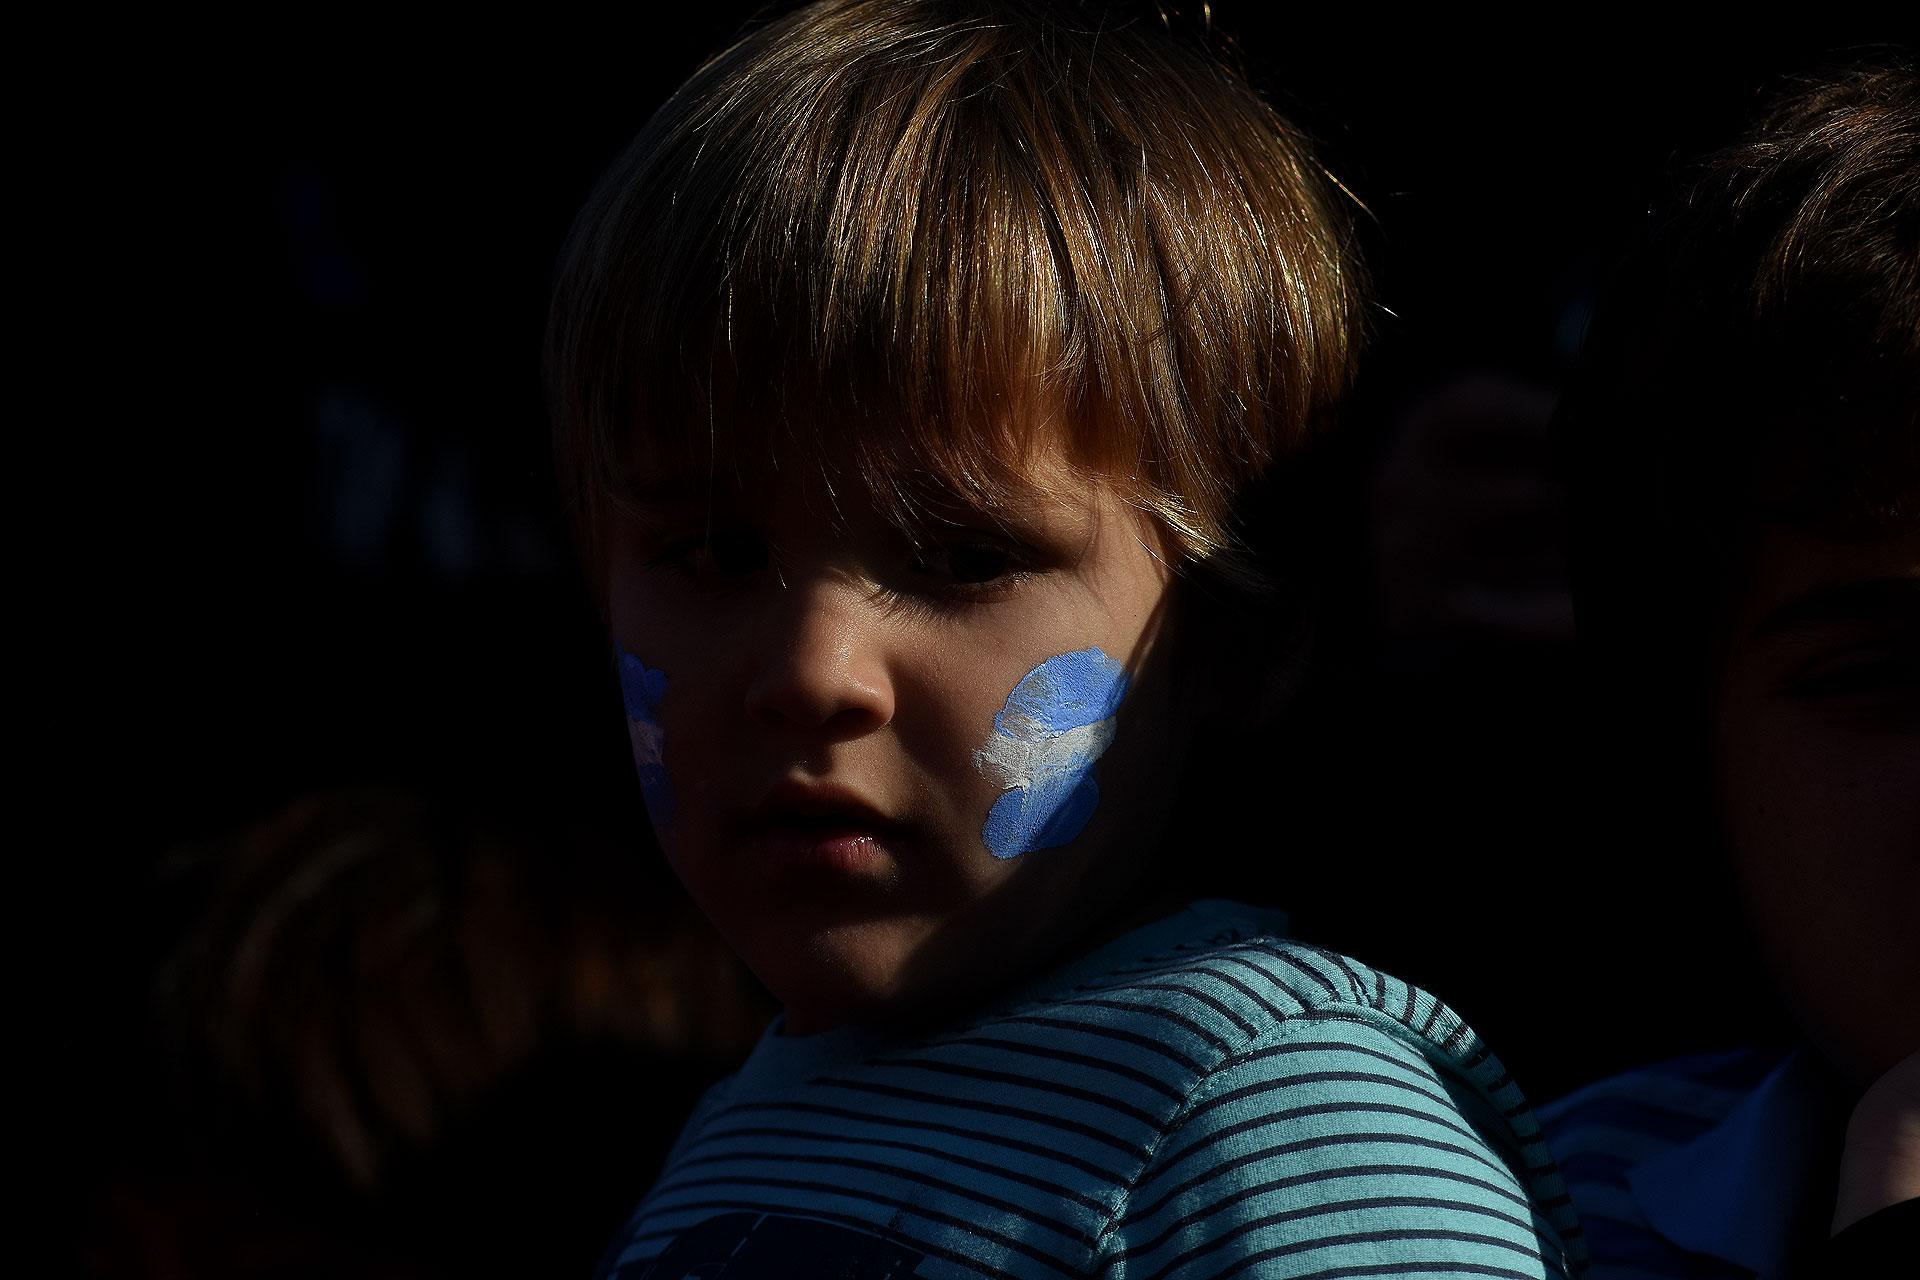 Miles de niños presenciaron el entrenamiento a puertas abiertas de la Selección Argentina. Ellos fueron los principales testigos en el Palacio Ducó, por disposición de una acción coordinada por AFA Social